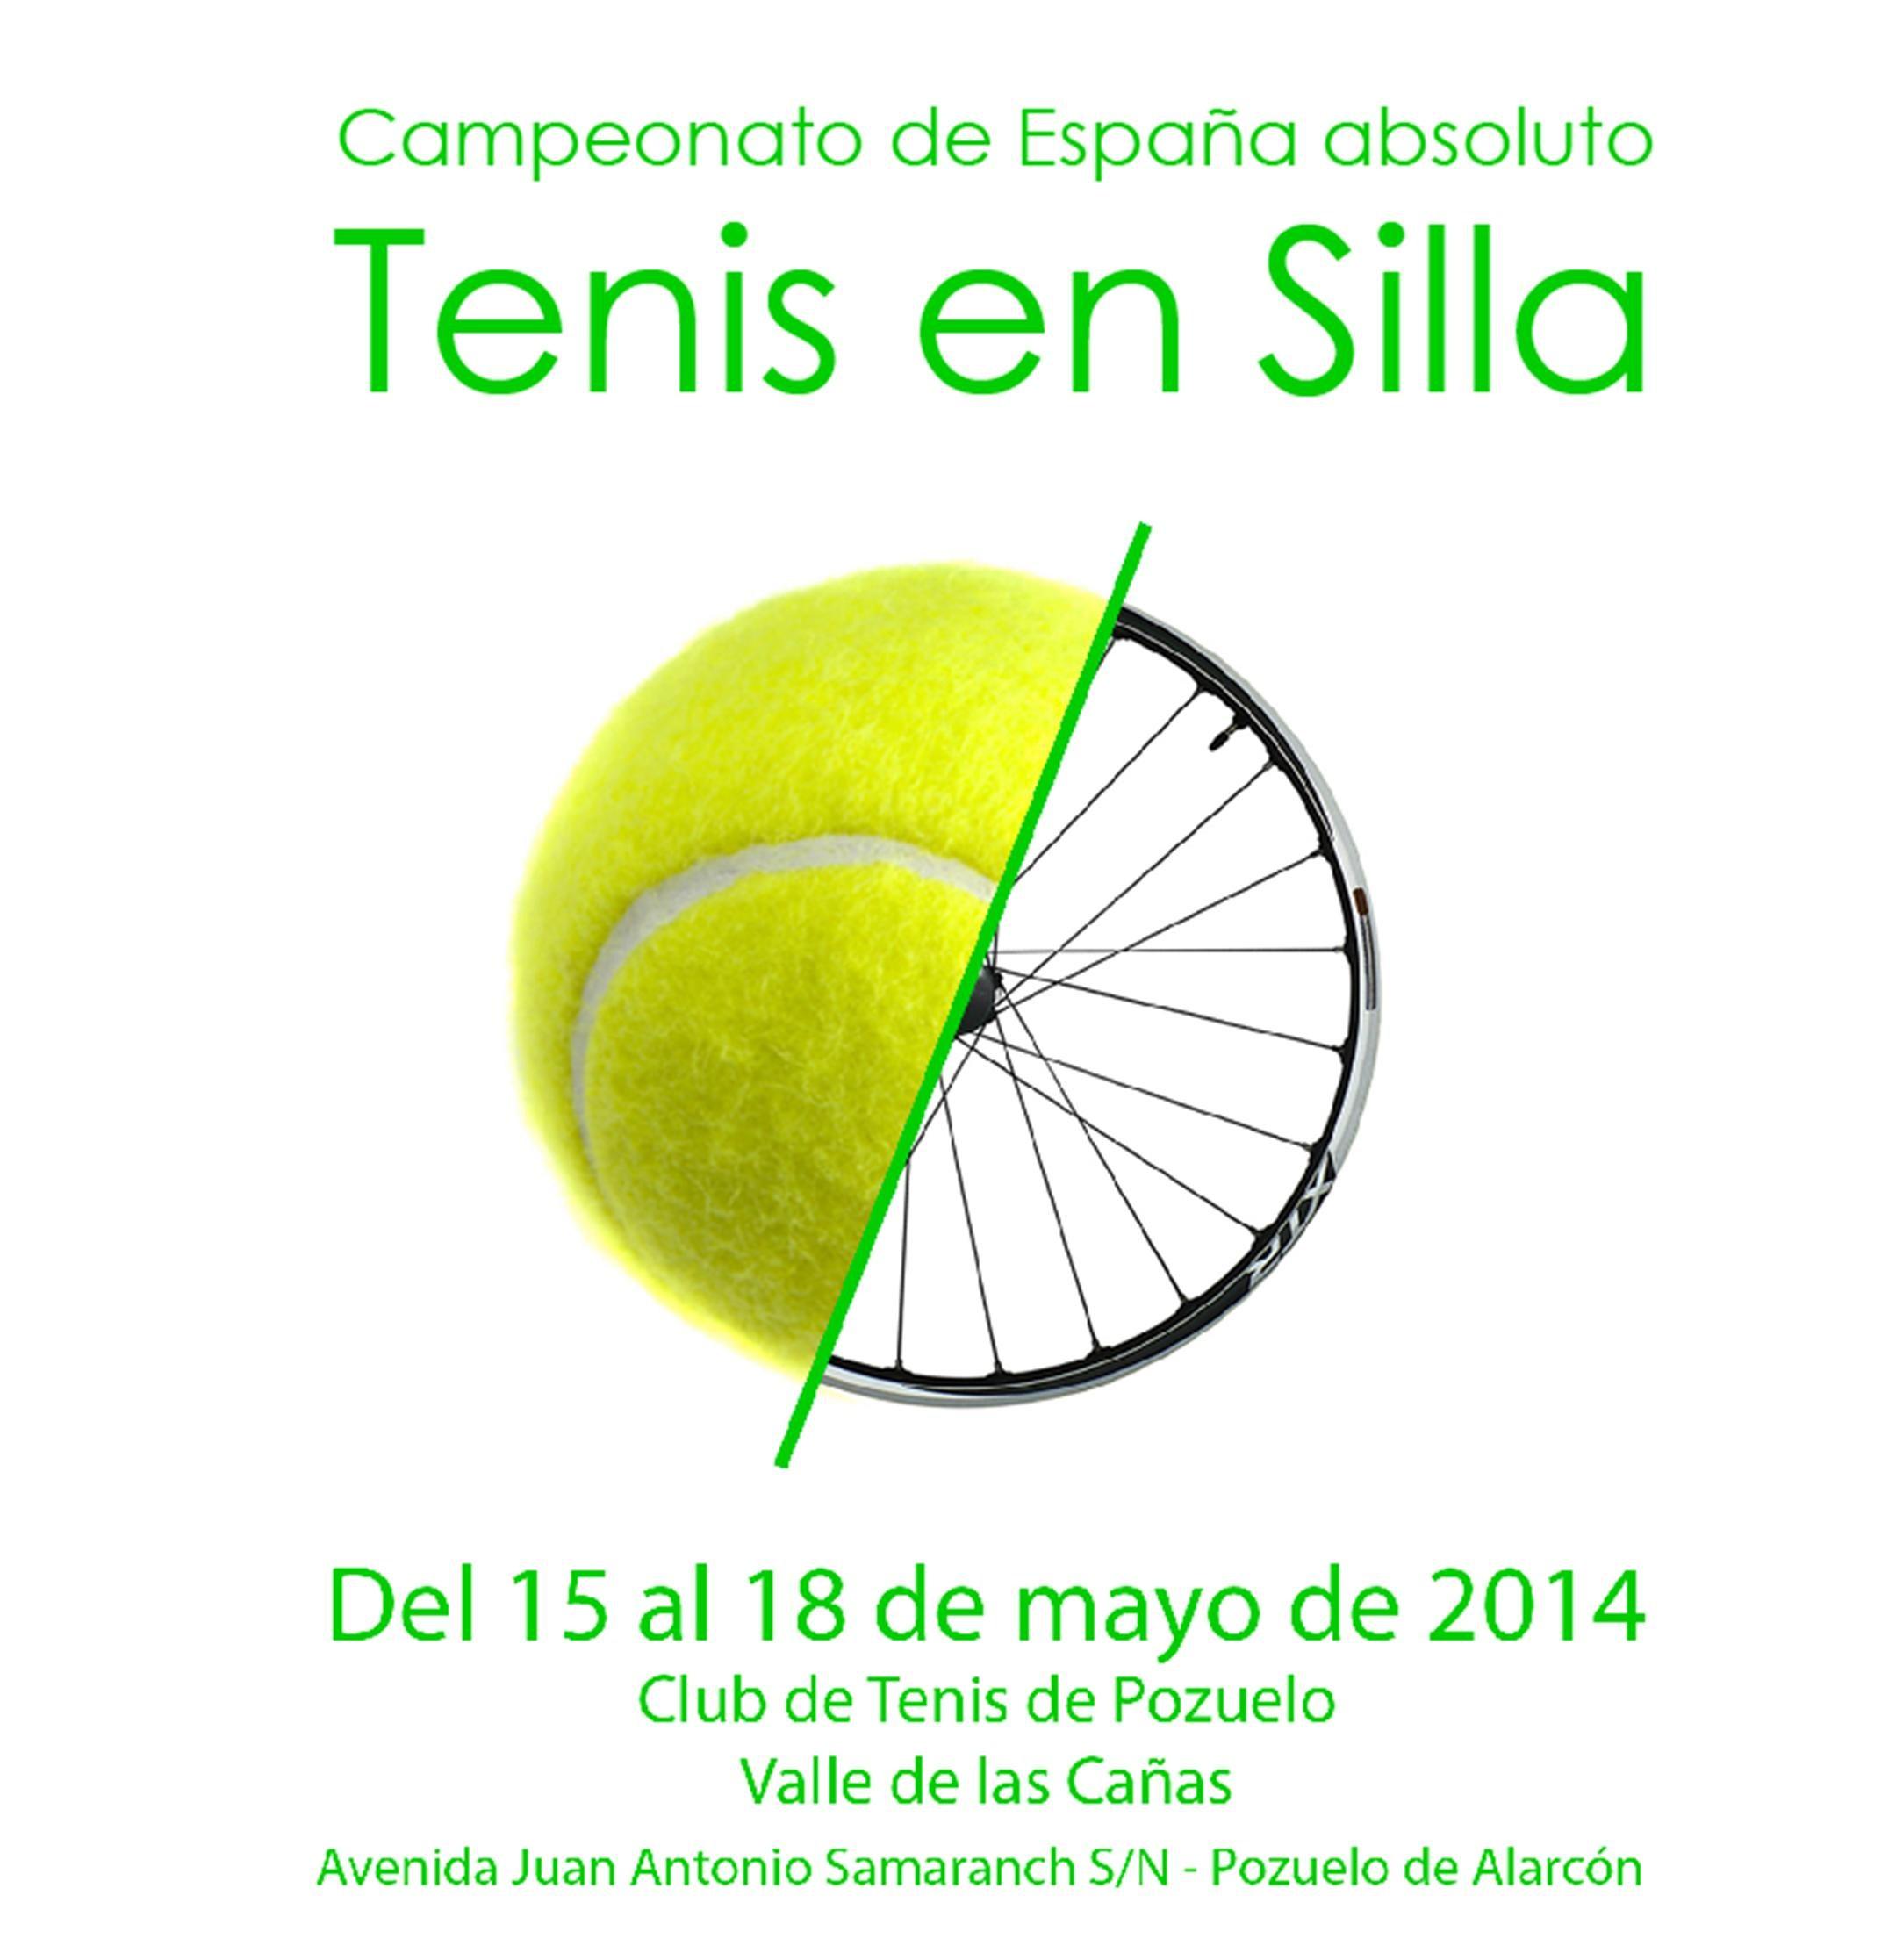 Este mes se celebra en Pozuelo el Campeonato de España absoluto de Tenis en Silla